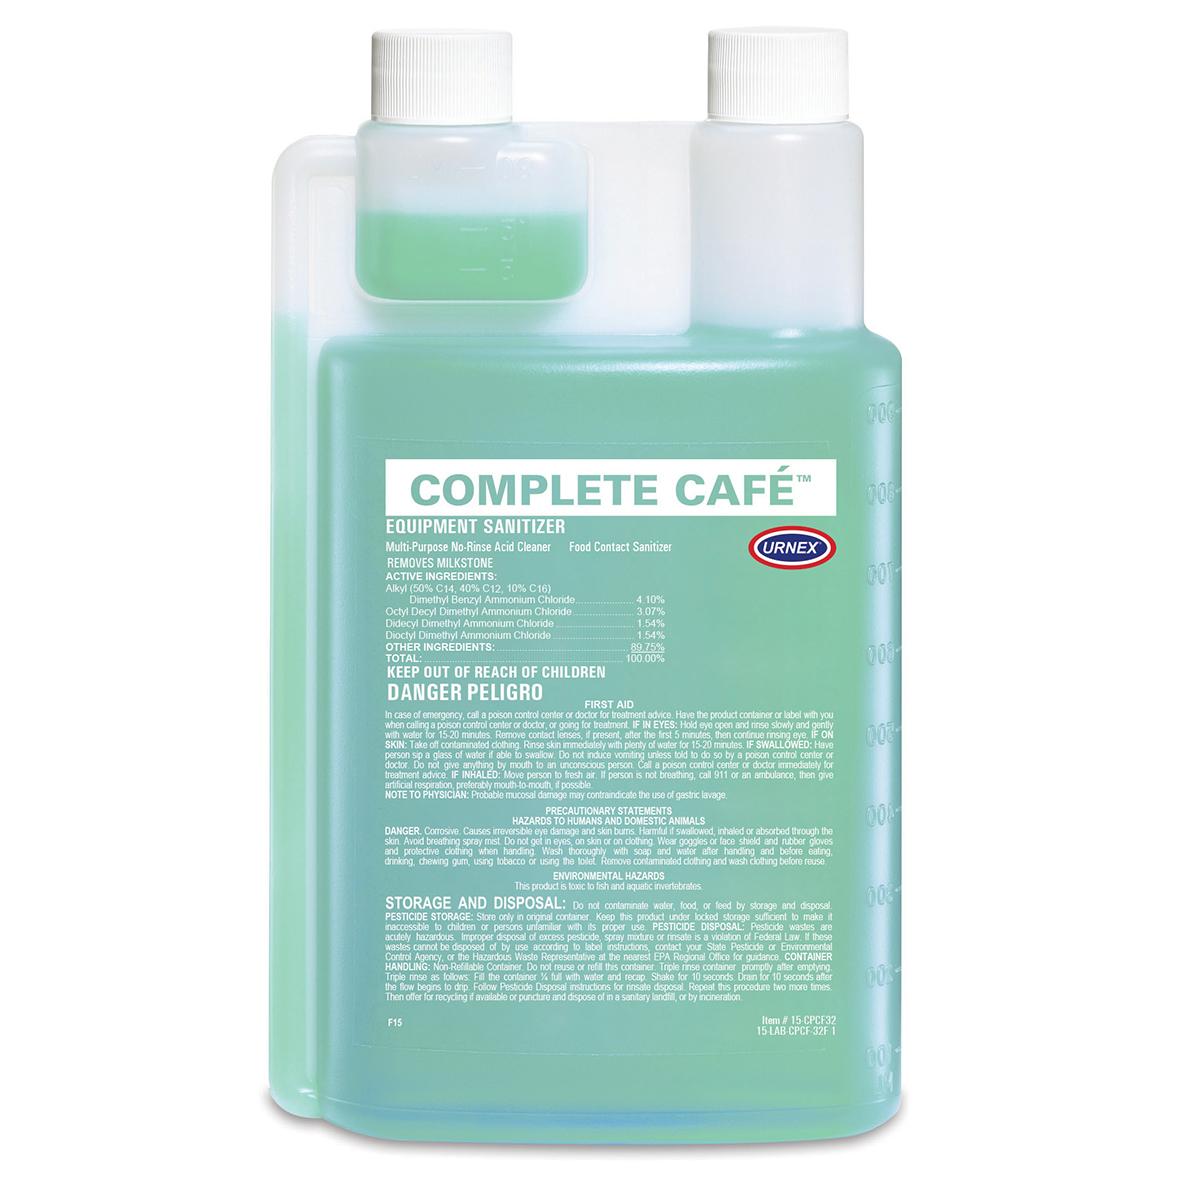 Urnex Complete Cafe Equipment Sanitizer -  1L / 32oz bottle